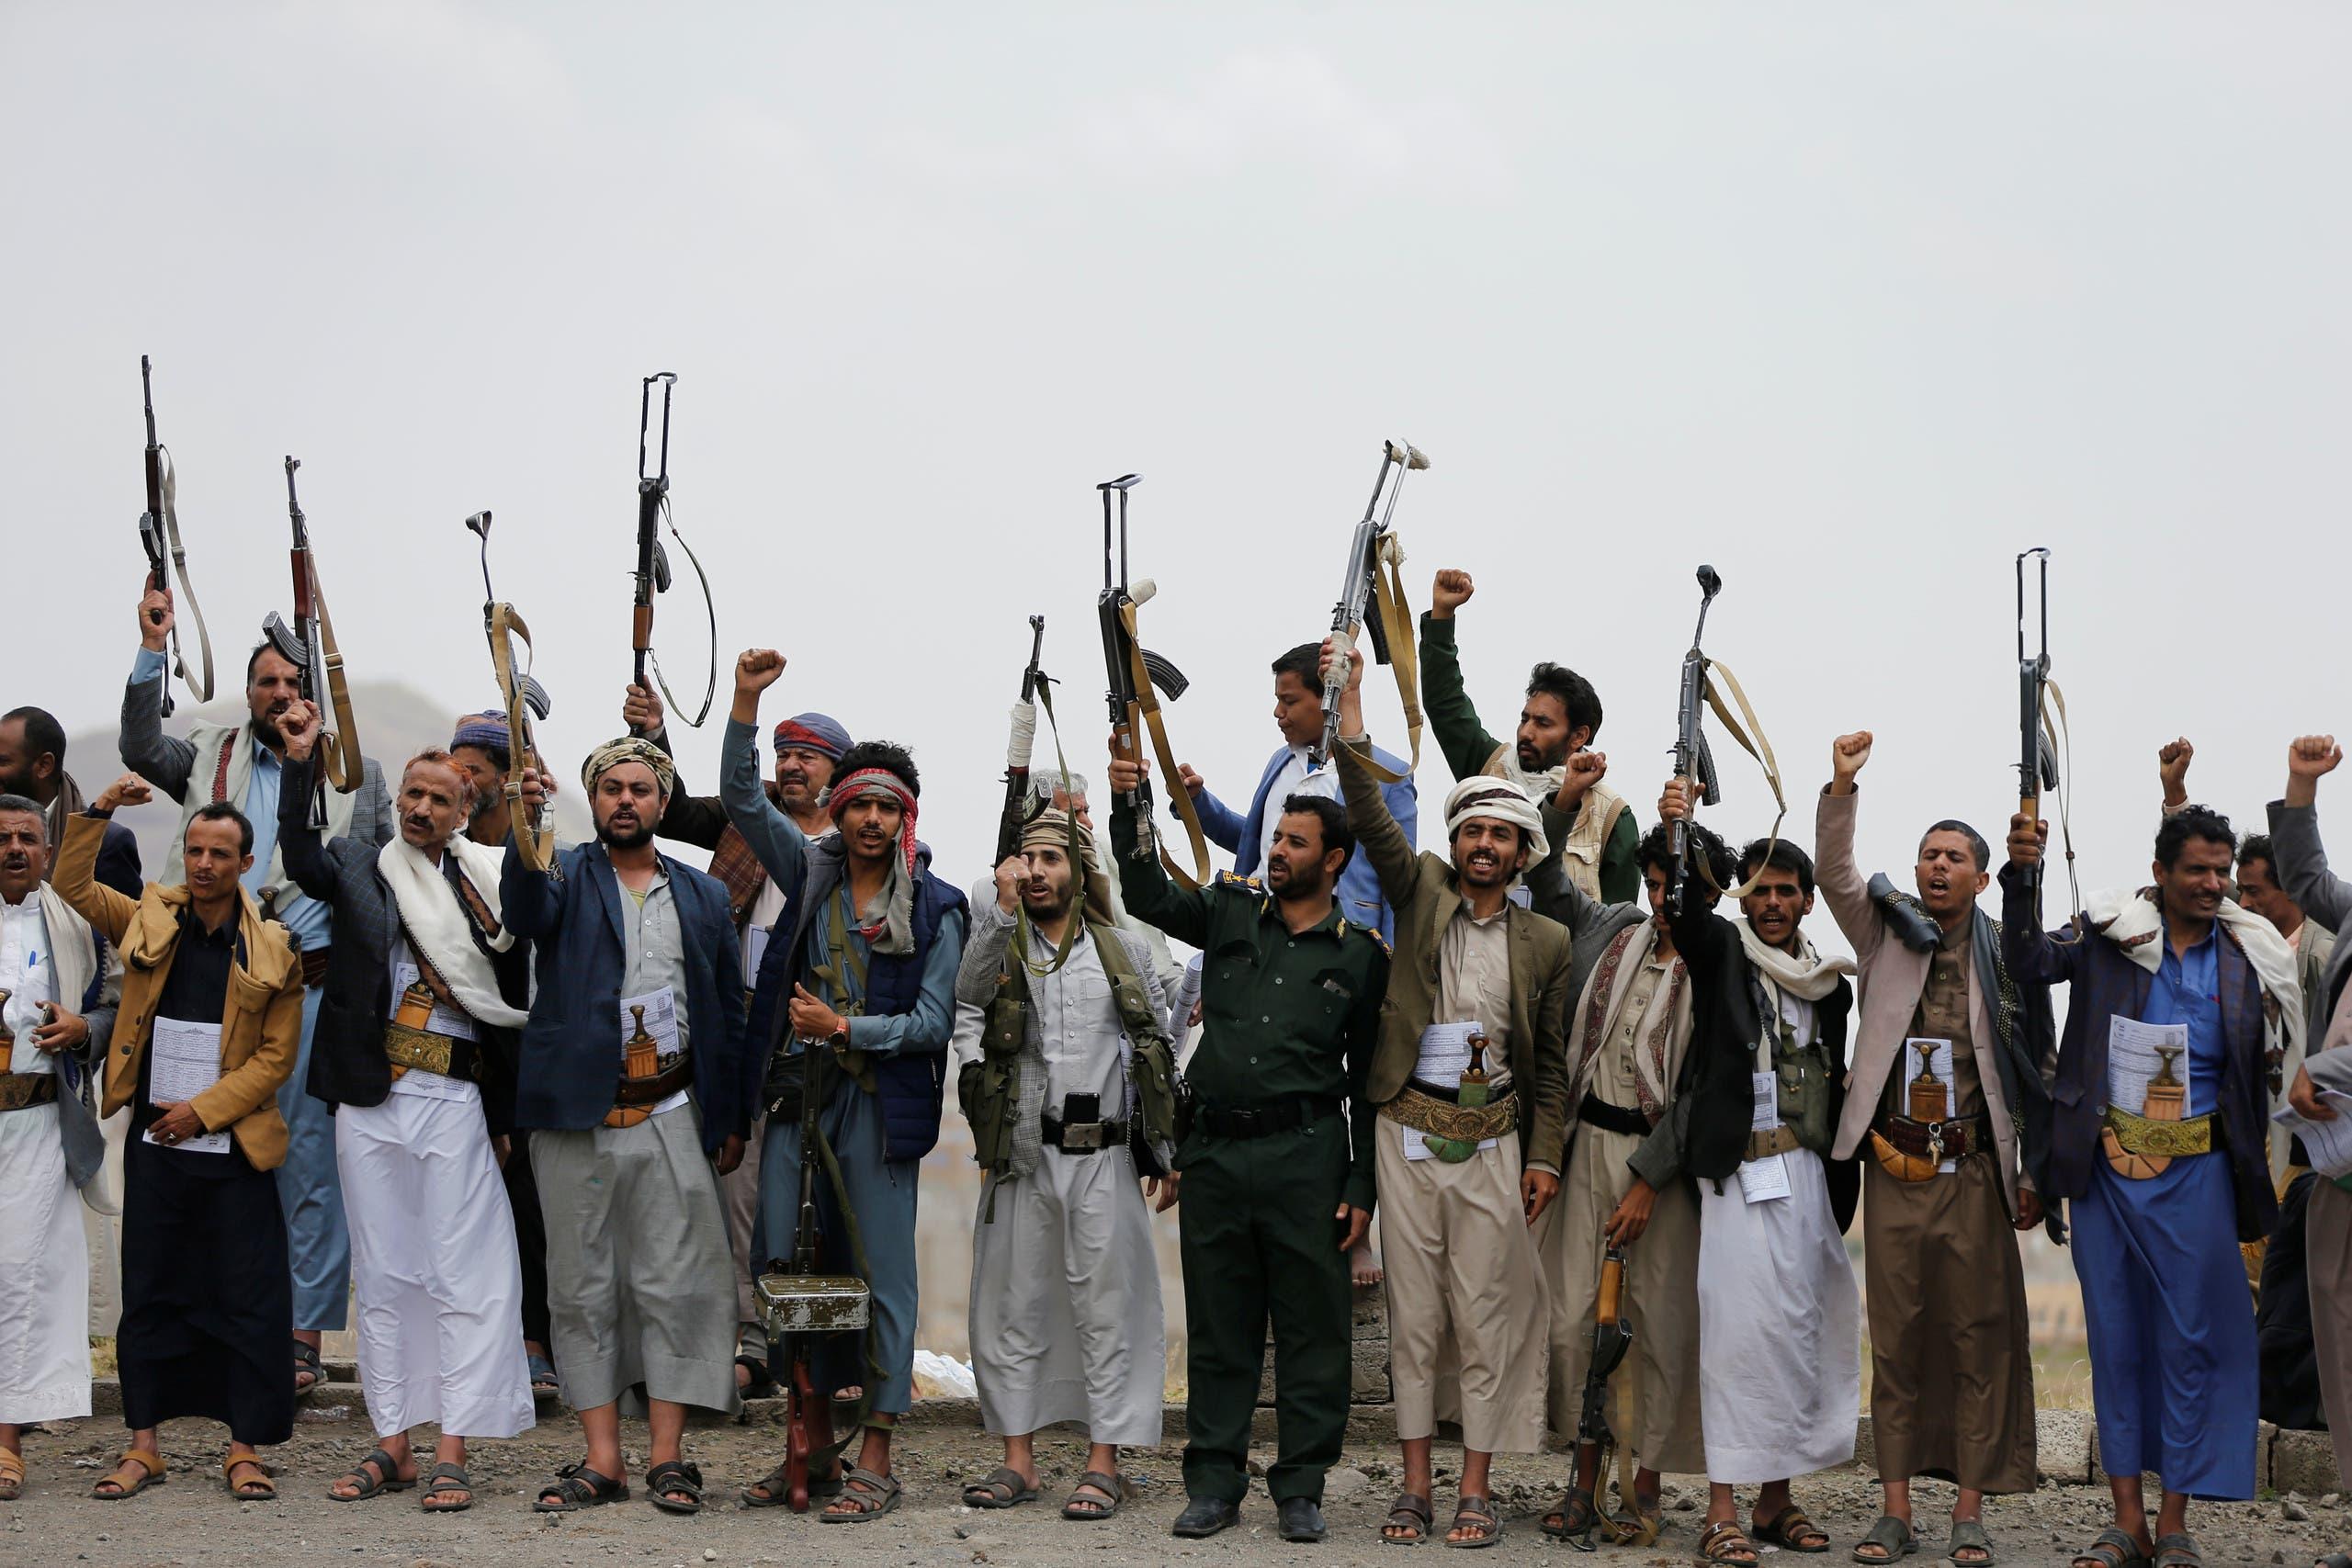 مقاتلون حوثيون يشهرون سلاحهم في صنعاء